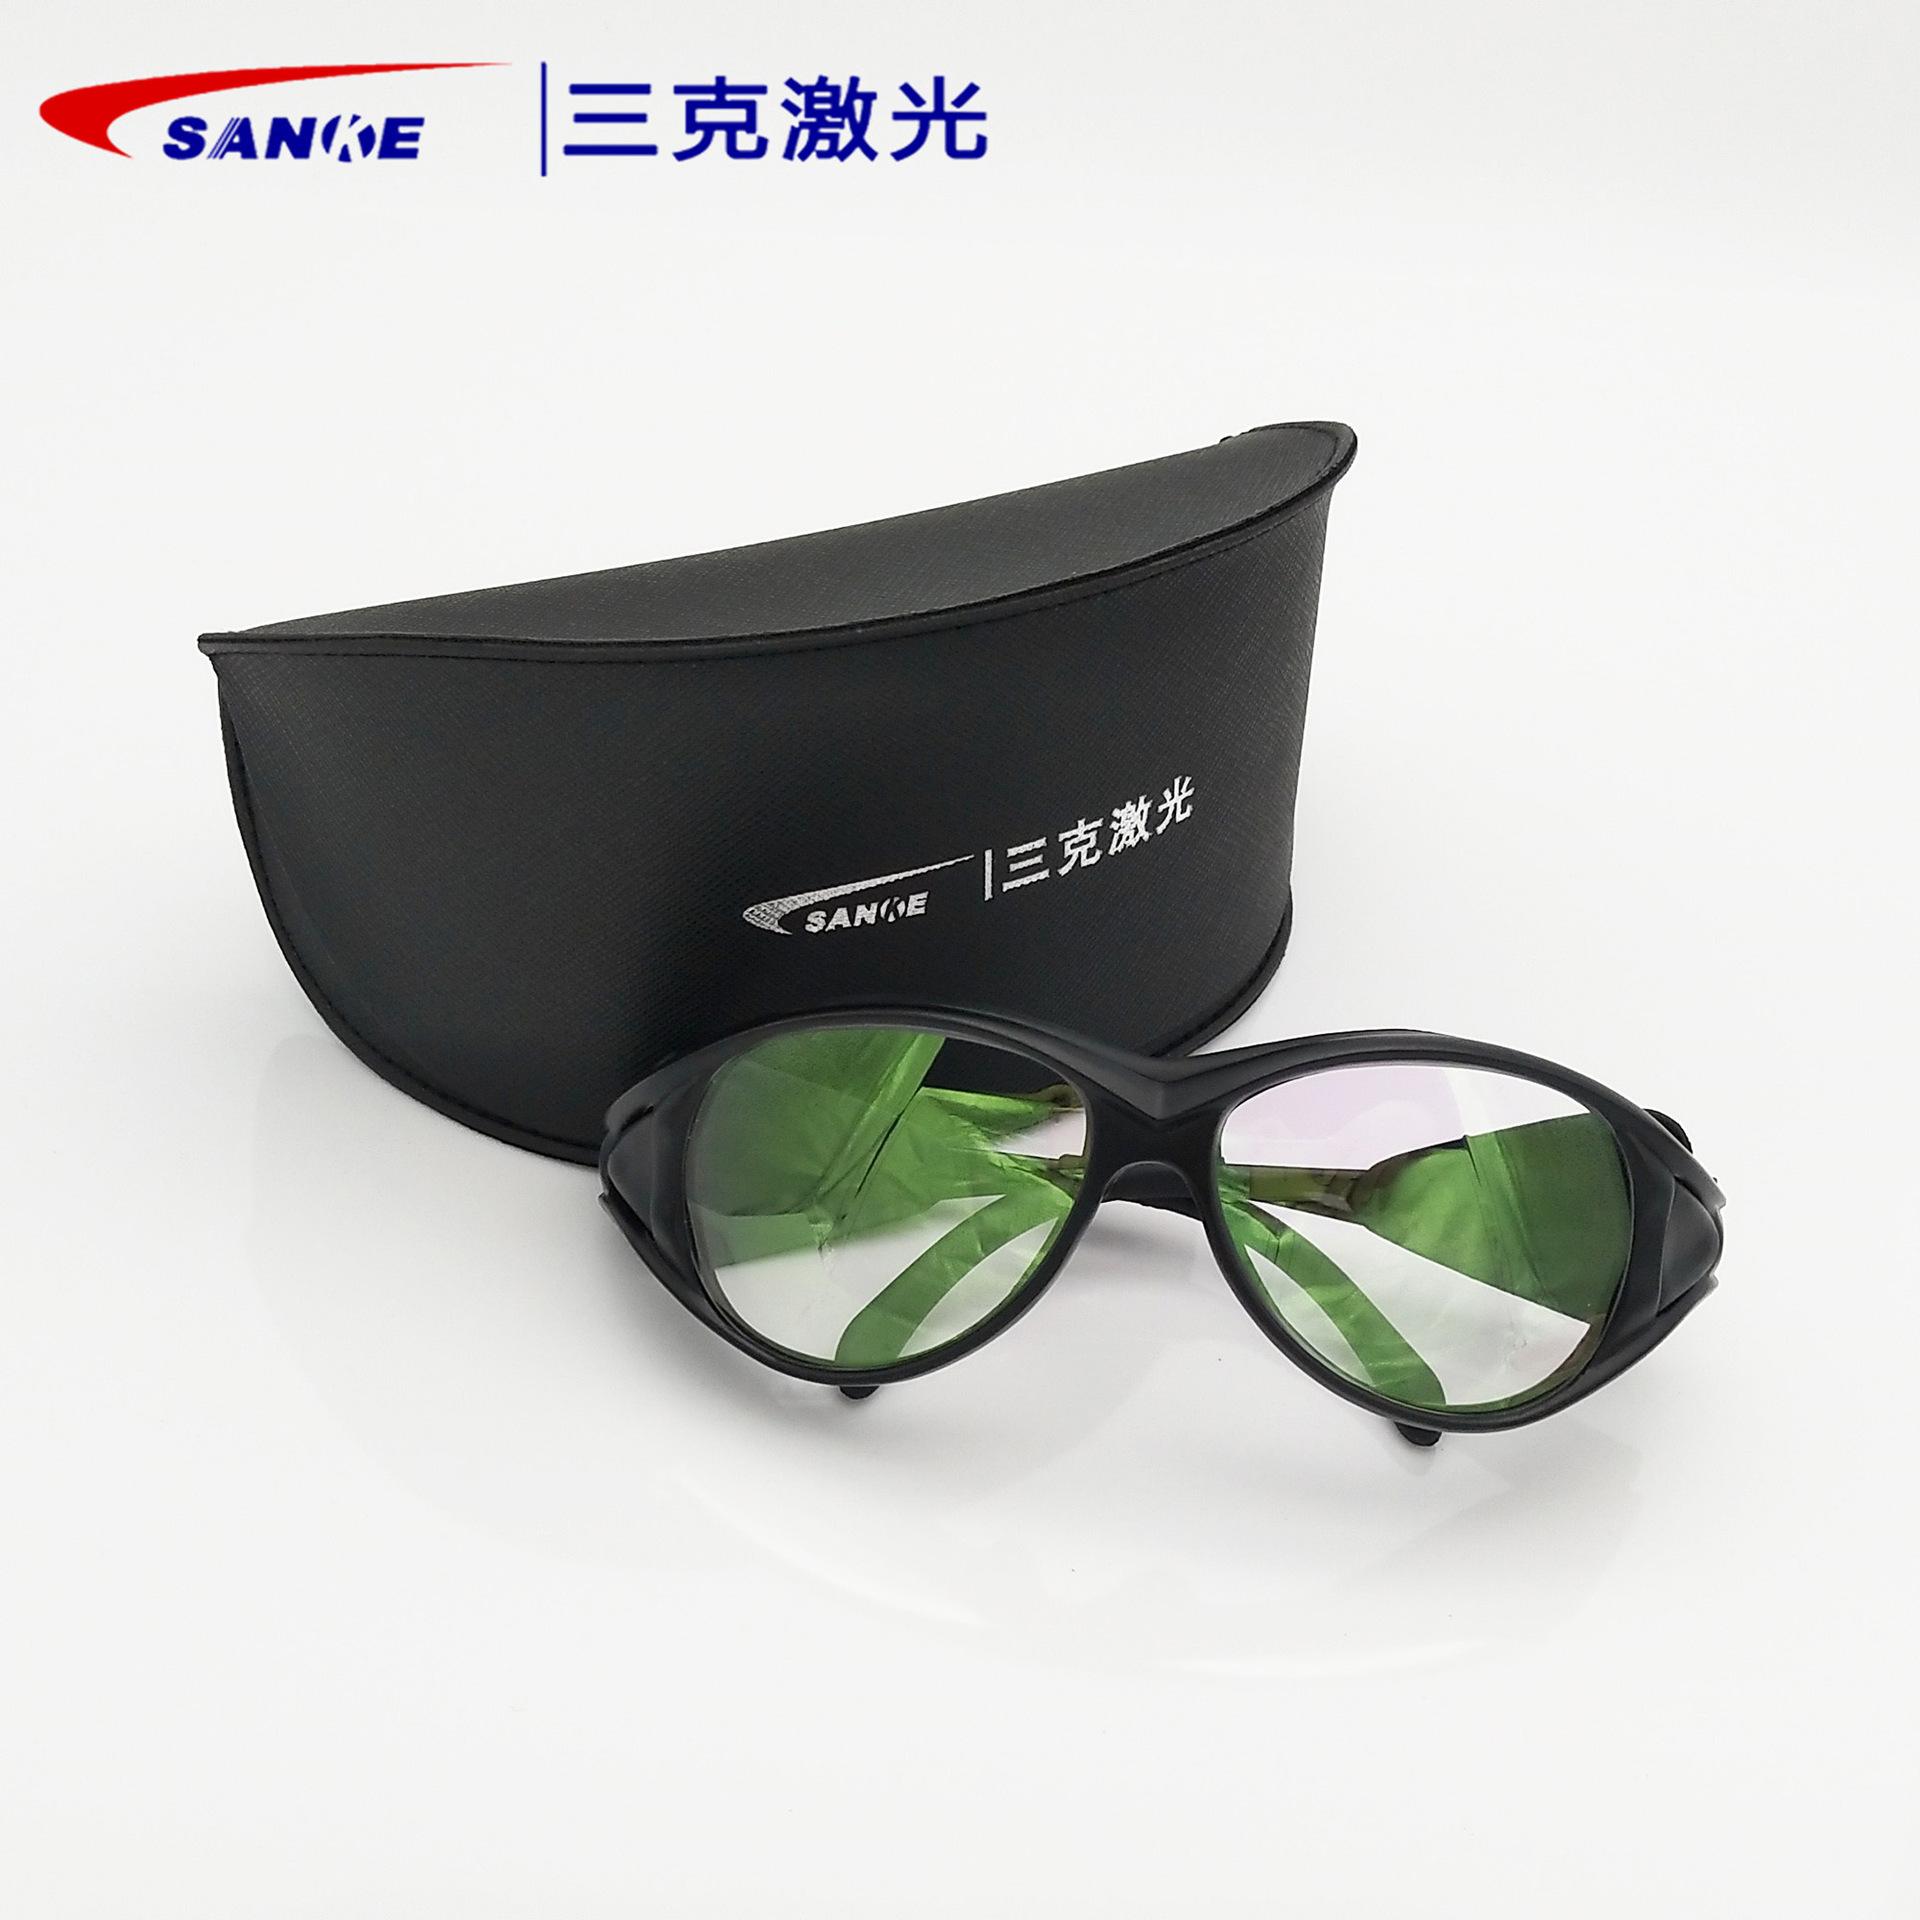 激光防护眼镜 SKL-G16 防护波长1064nm OD6 可见光透过率85%